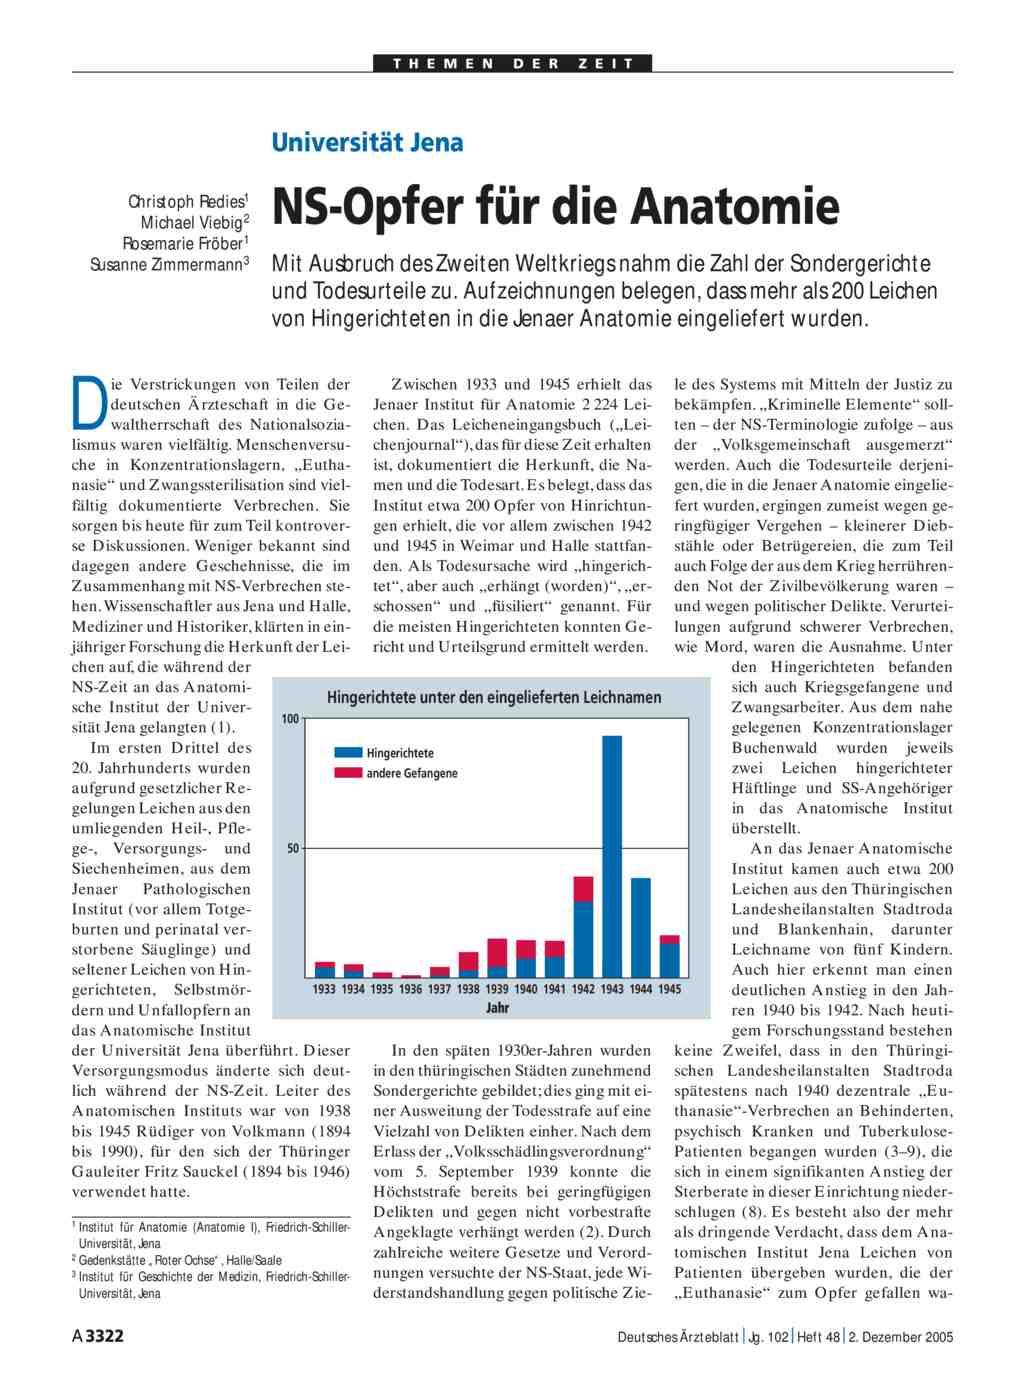 Universität Jena: NS-Opfer für die Anatomie